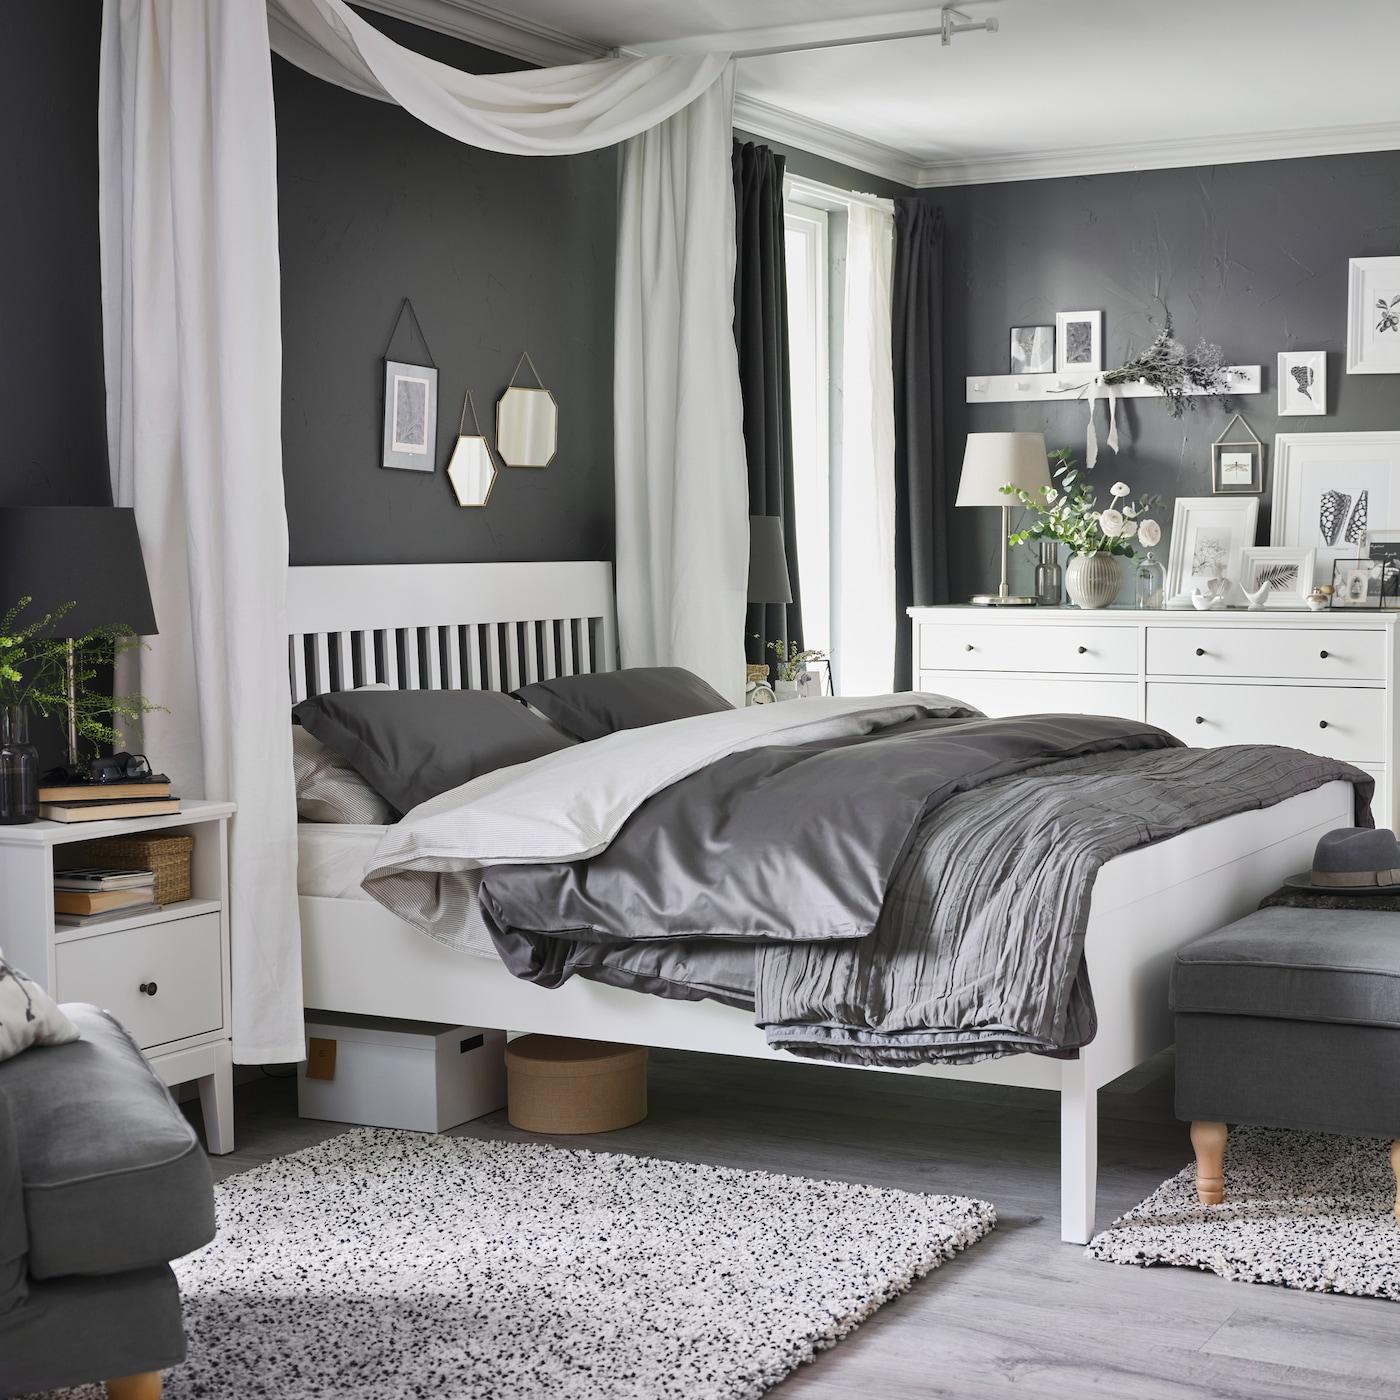 Sypialnia ze stolikiem nocnym, ramą łóżka i komodą IDANÄS w kolorze białym, ciemnoszarą pościelą i dwoma dywanami z długim włosiem.